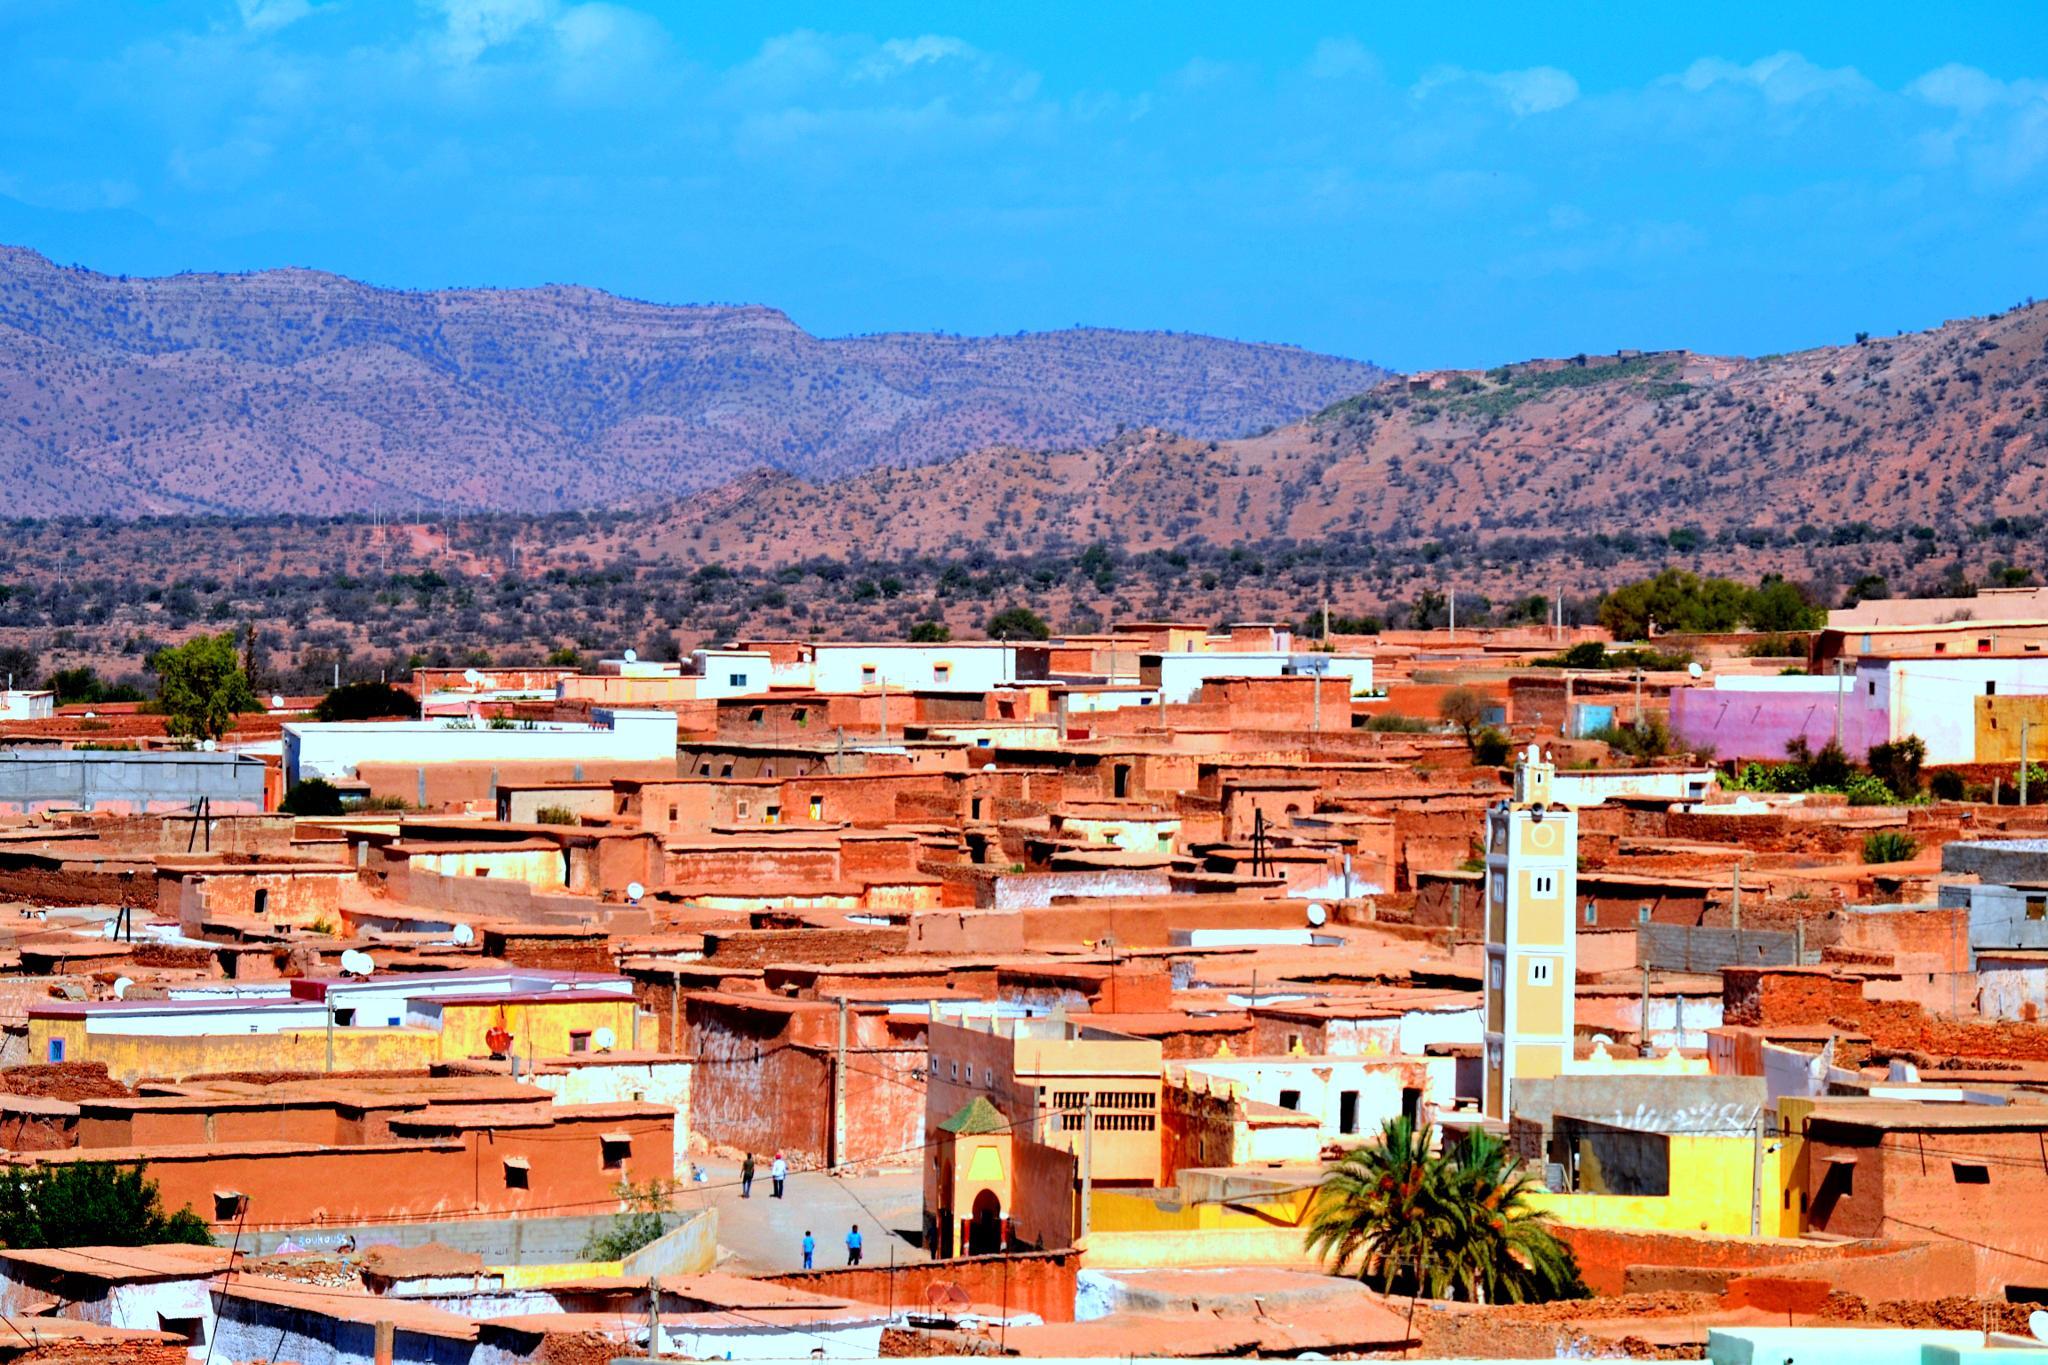 Tinwaynan: Berber Village by elhabiblouai